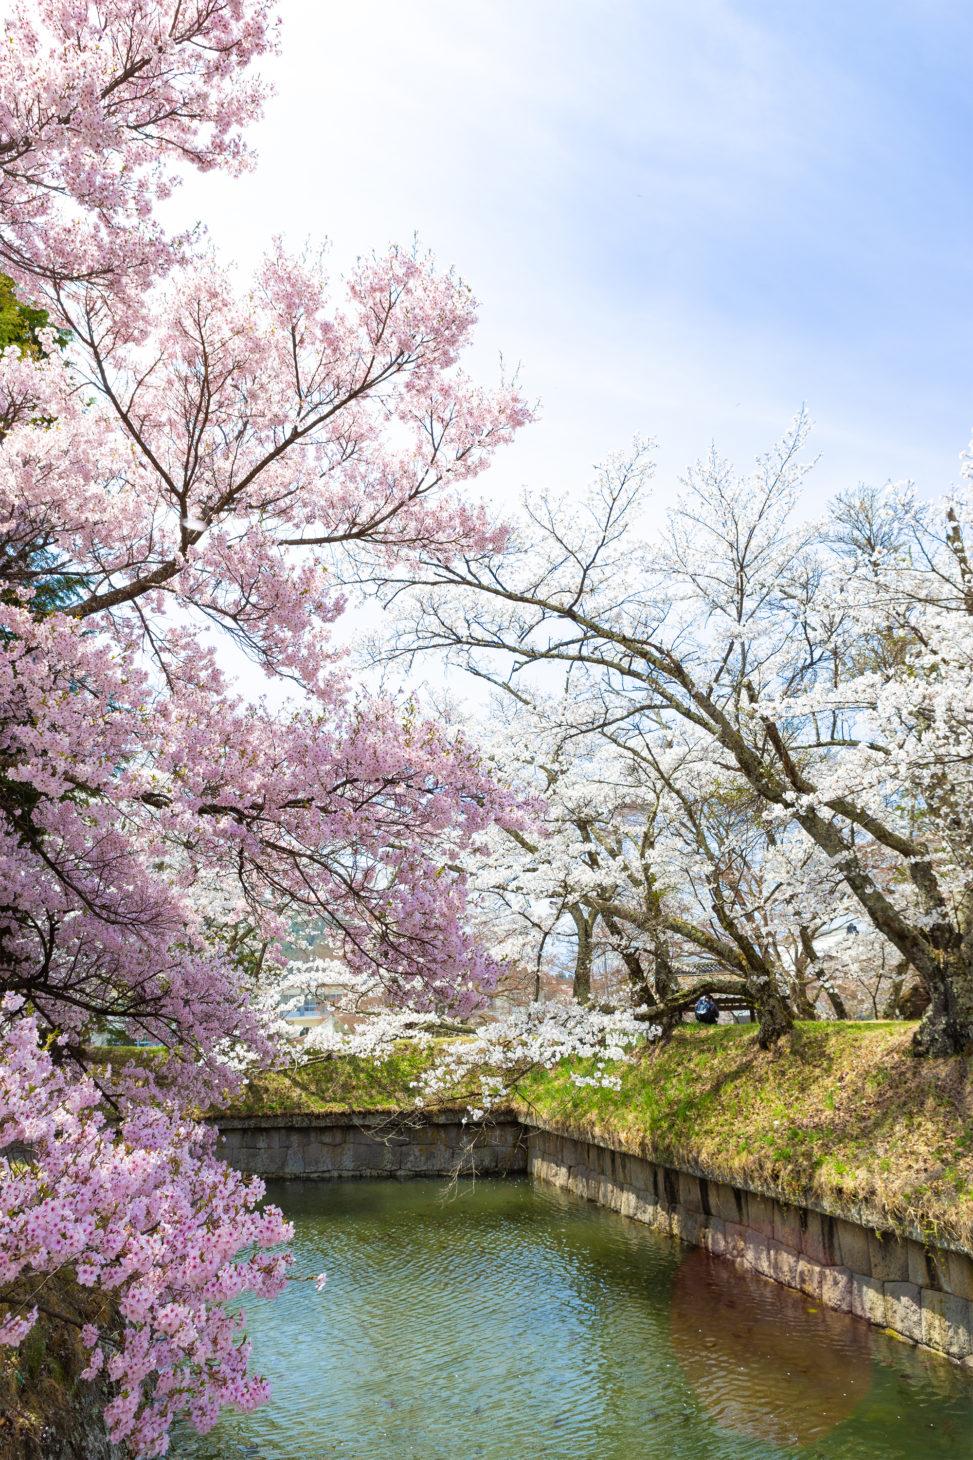 お花見・満開の桜(さくら)05の写真素材